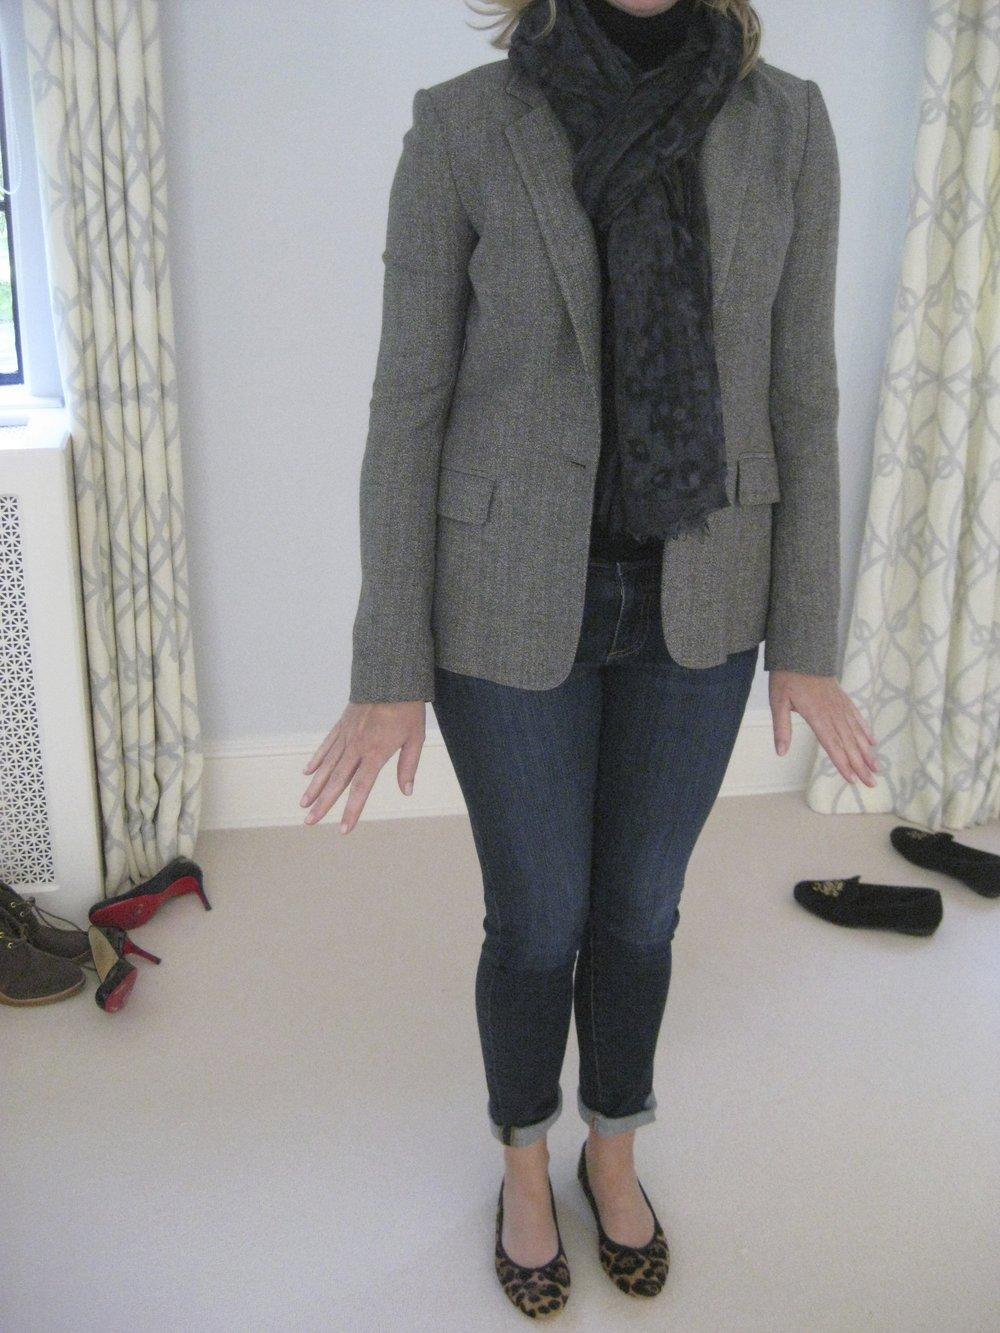 1bd28a319 Blog — Maria Turkel Wardrobe Styling